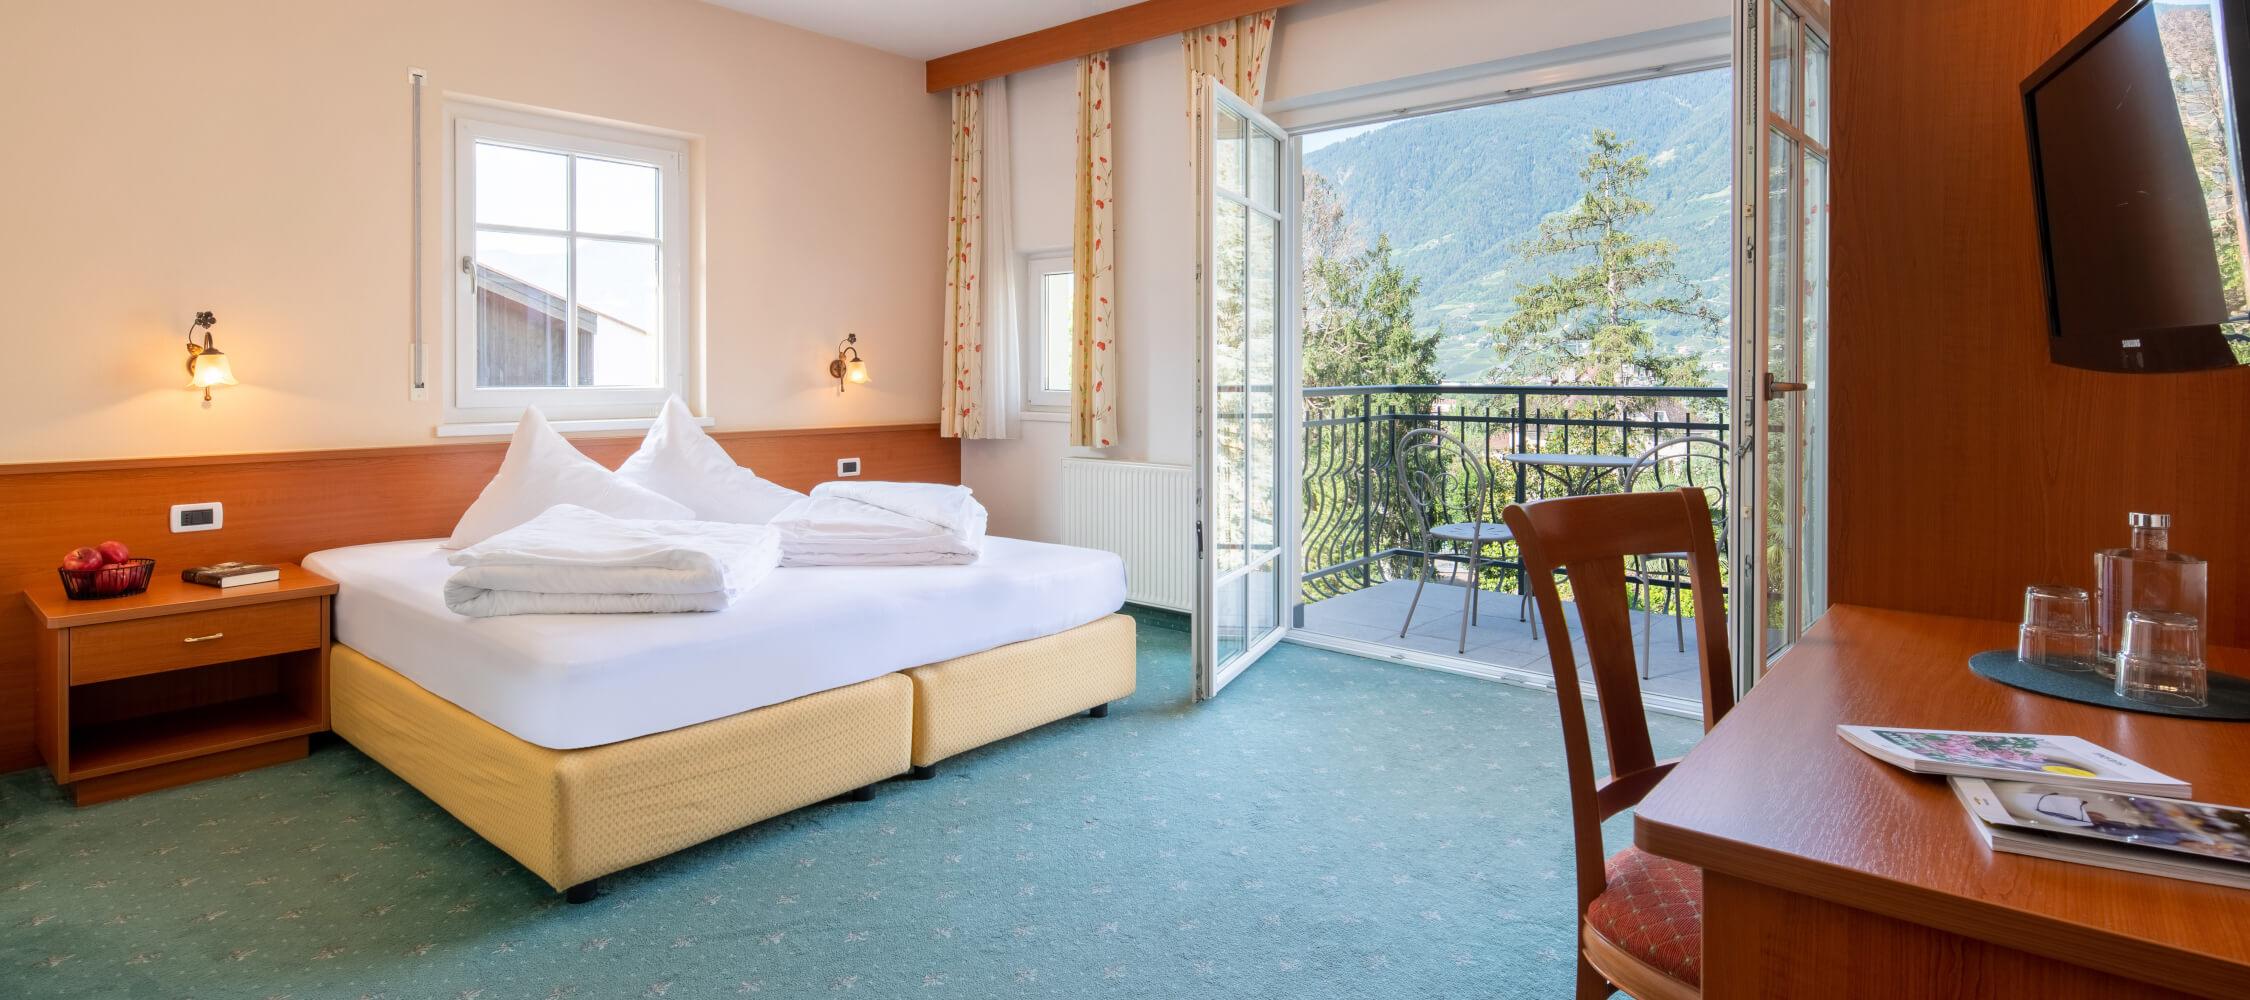 Hotel-Villa-Laurus-Merano-Rooms-Doppelzimmer-Komfort-Aria-212-FlorianBusch-7-2250x1000